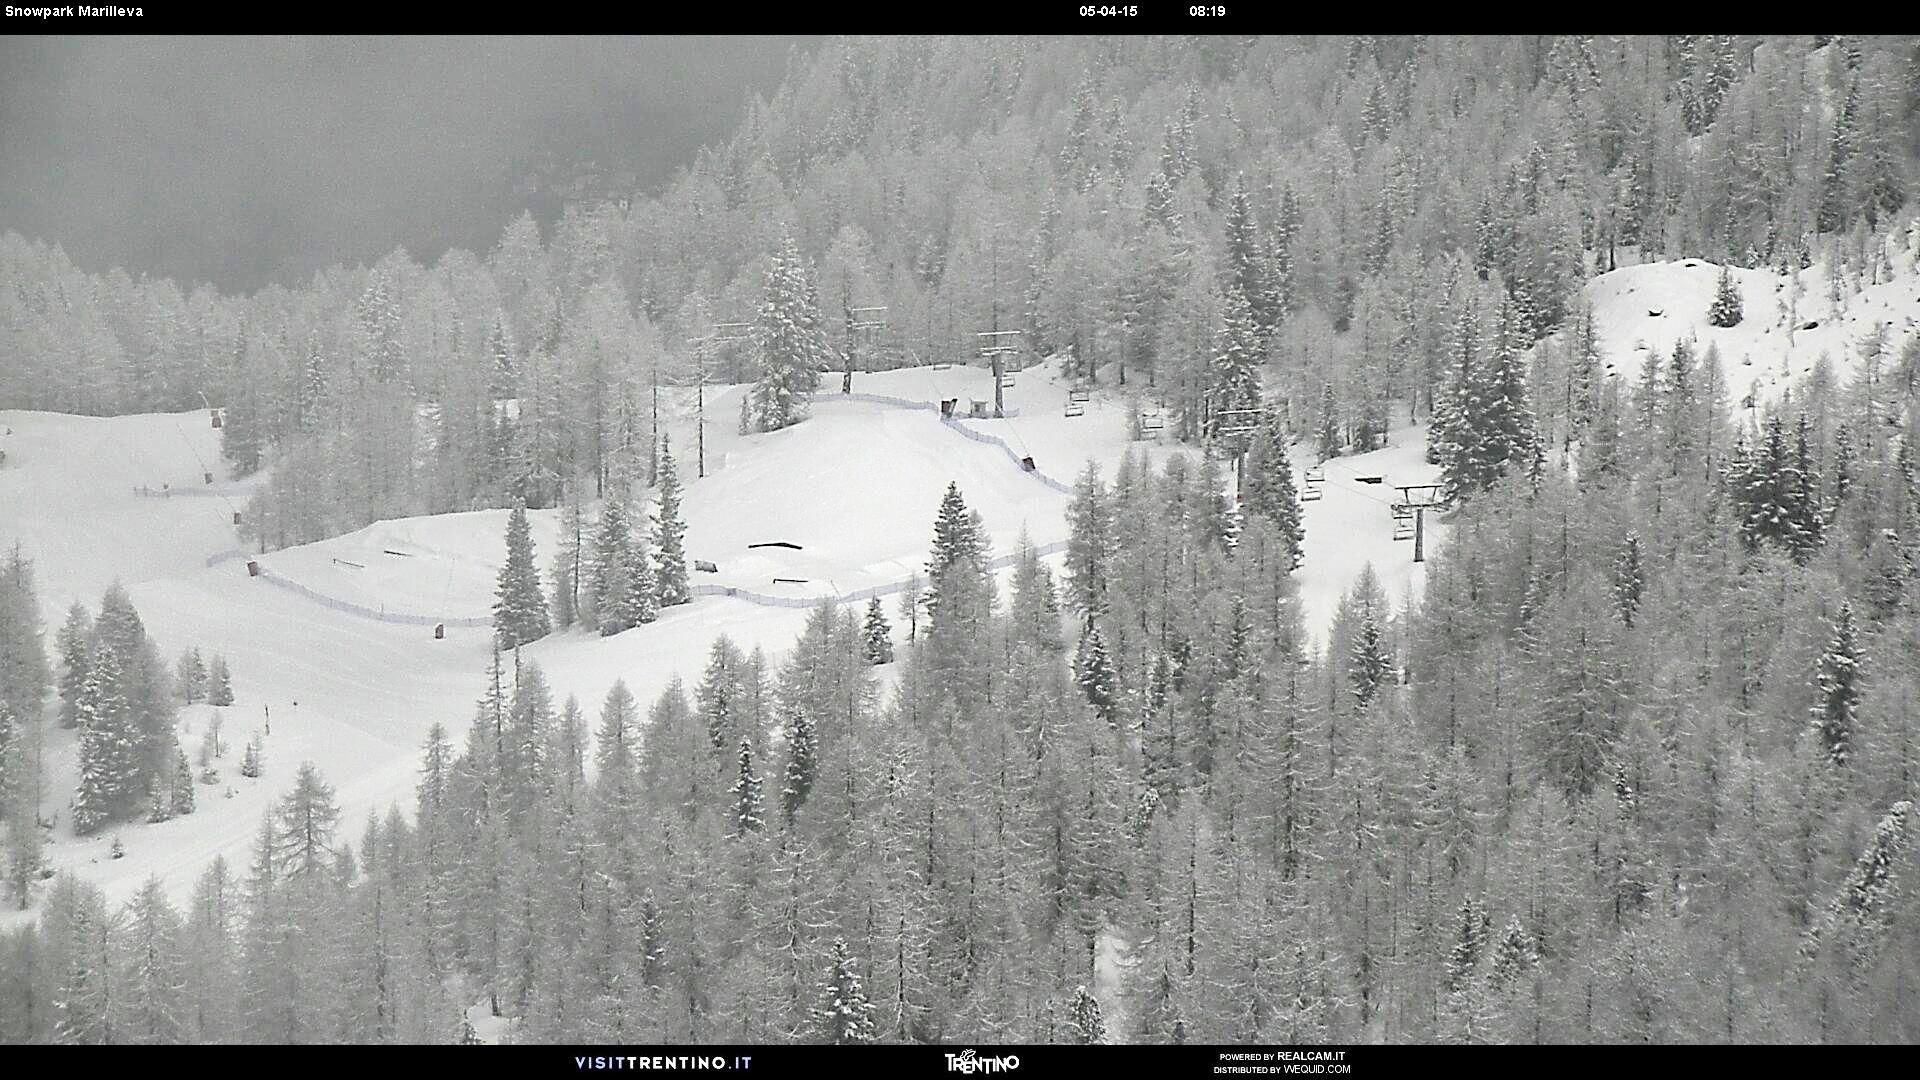 #Marilleva #snowpark è uno dei 5 il #park della #SkiareaCampiglio, è il luogo ideale dove praticare #freestyle, #jump, ed #evoluzioni sugli #sci e #snowboard. Per tutti gli #skiers e #snowboarders esperti #eventi e #contest in formula #jamsession durante tutto l'#inverno!